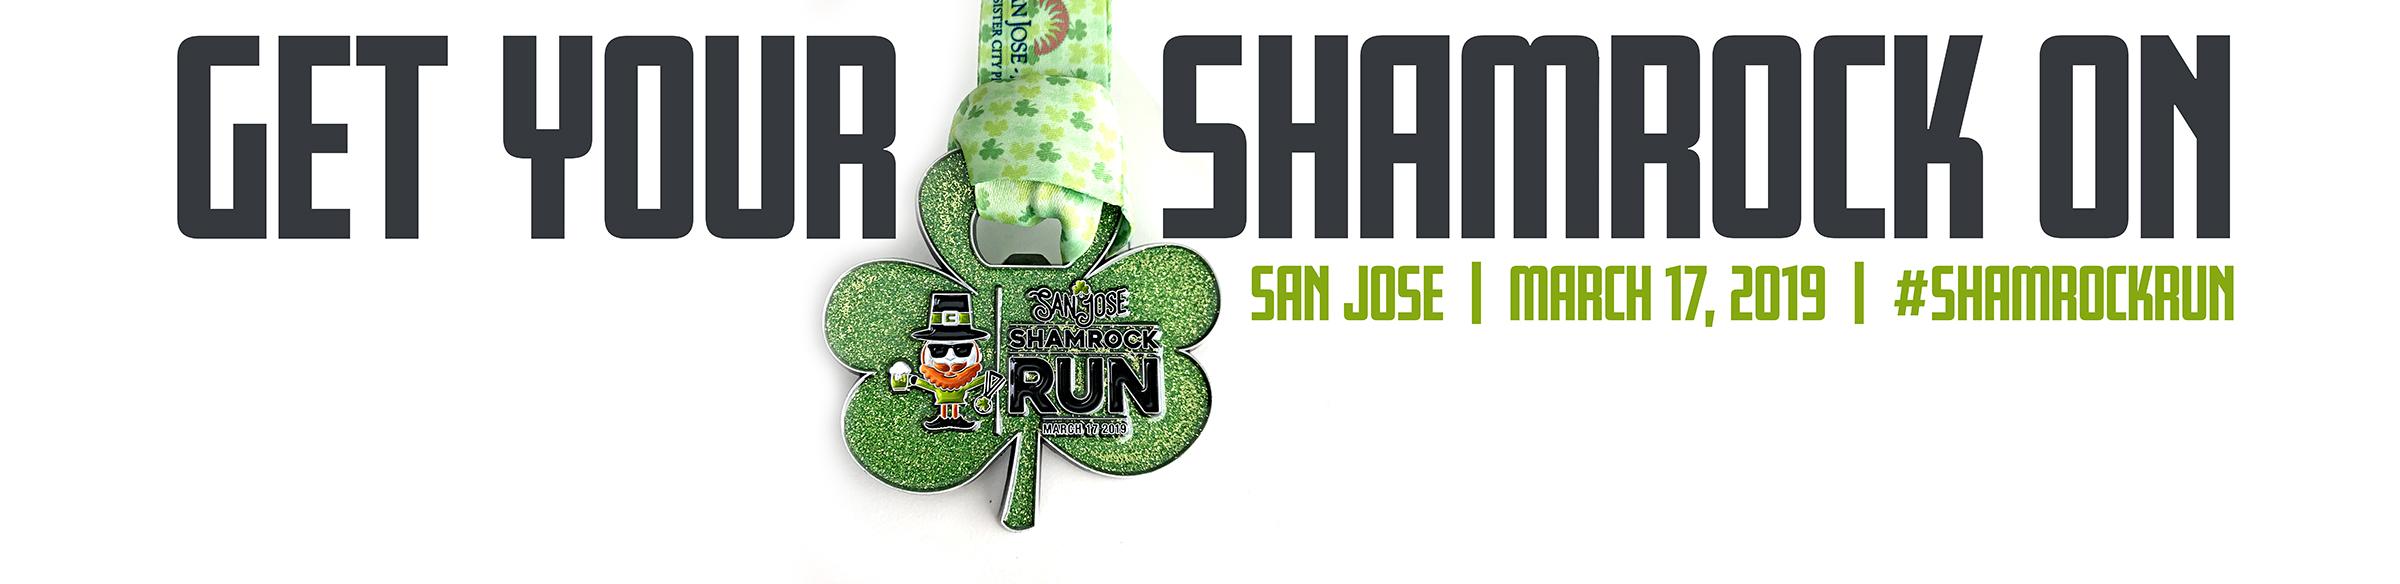 San Jose Shamrock Run